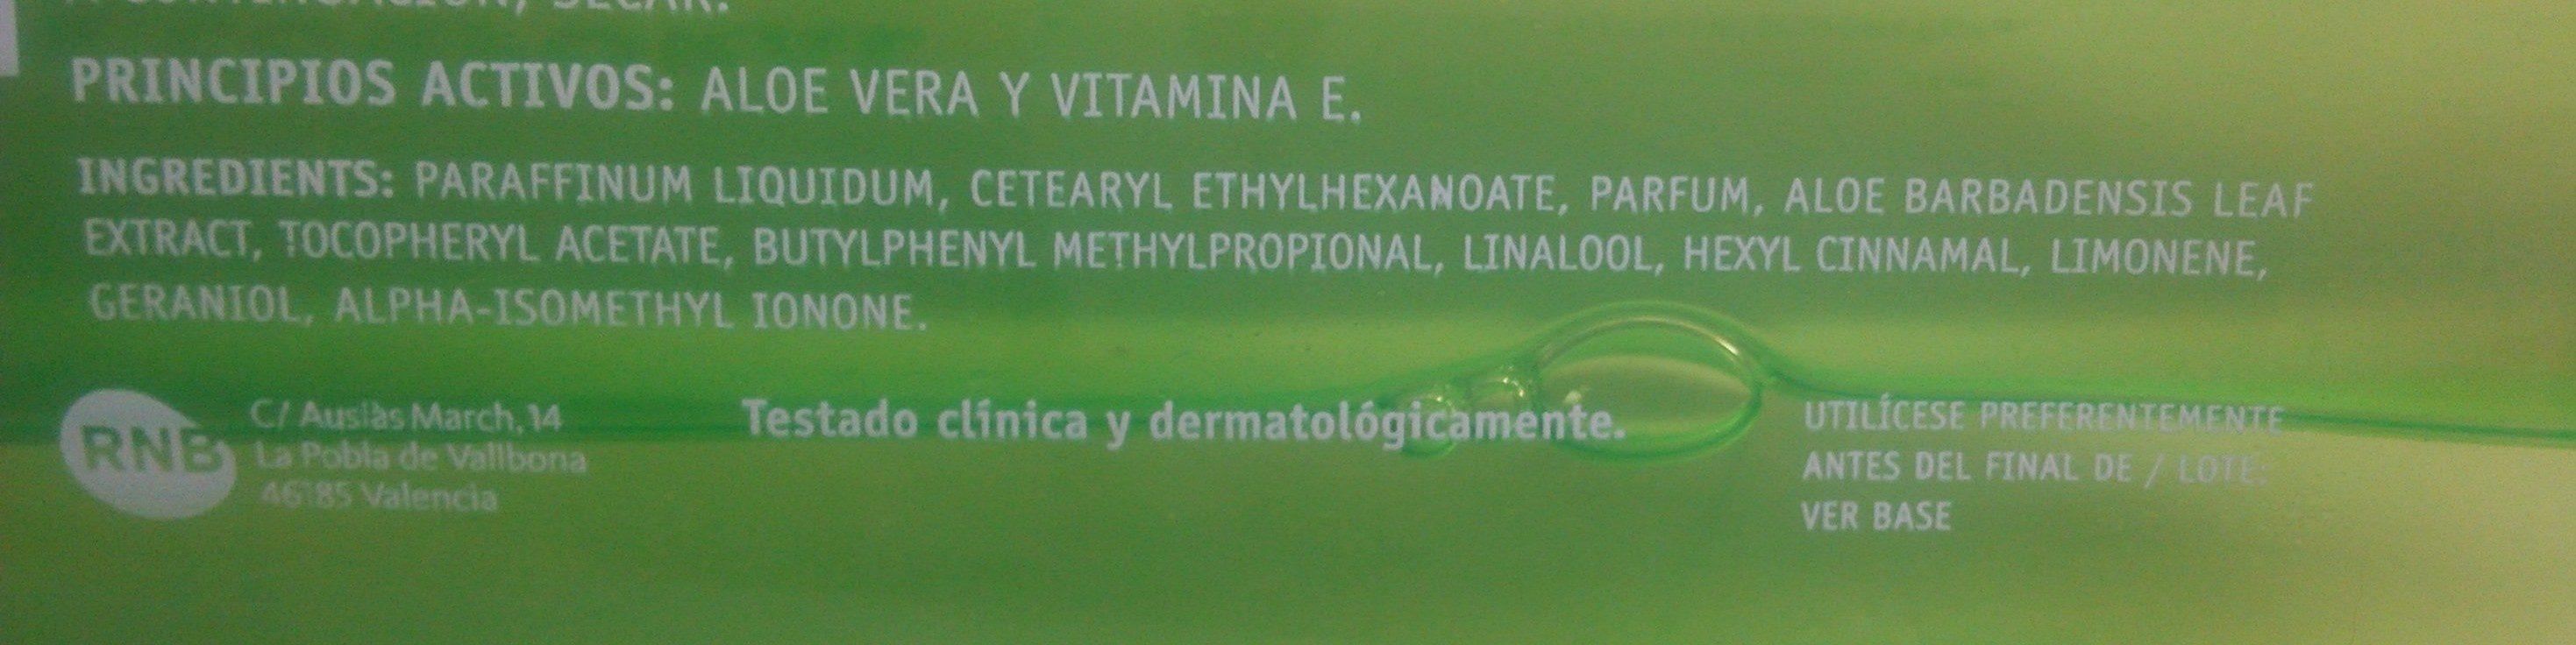 Aceite Corporal Aloe Vera - Ingredients - es